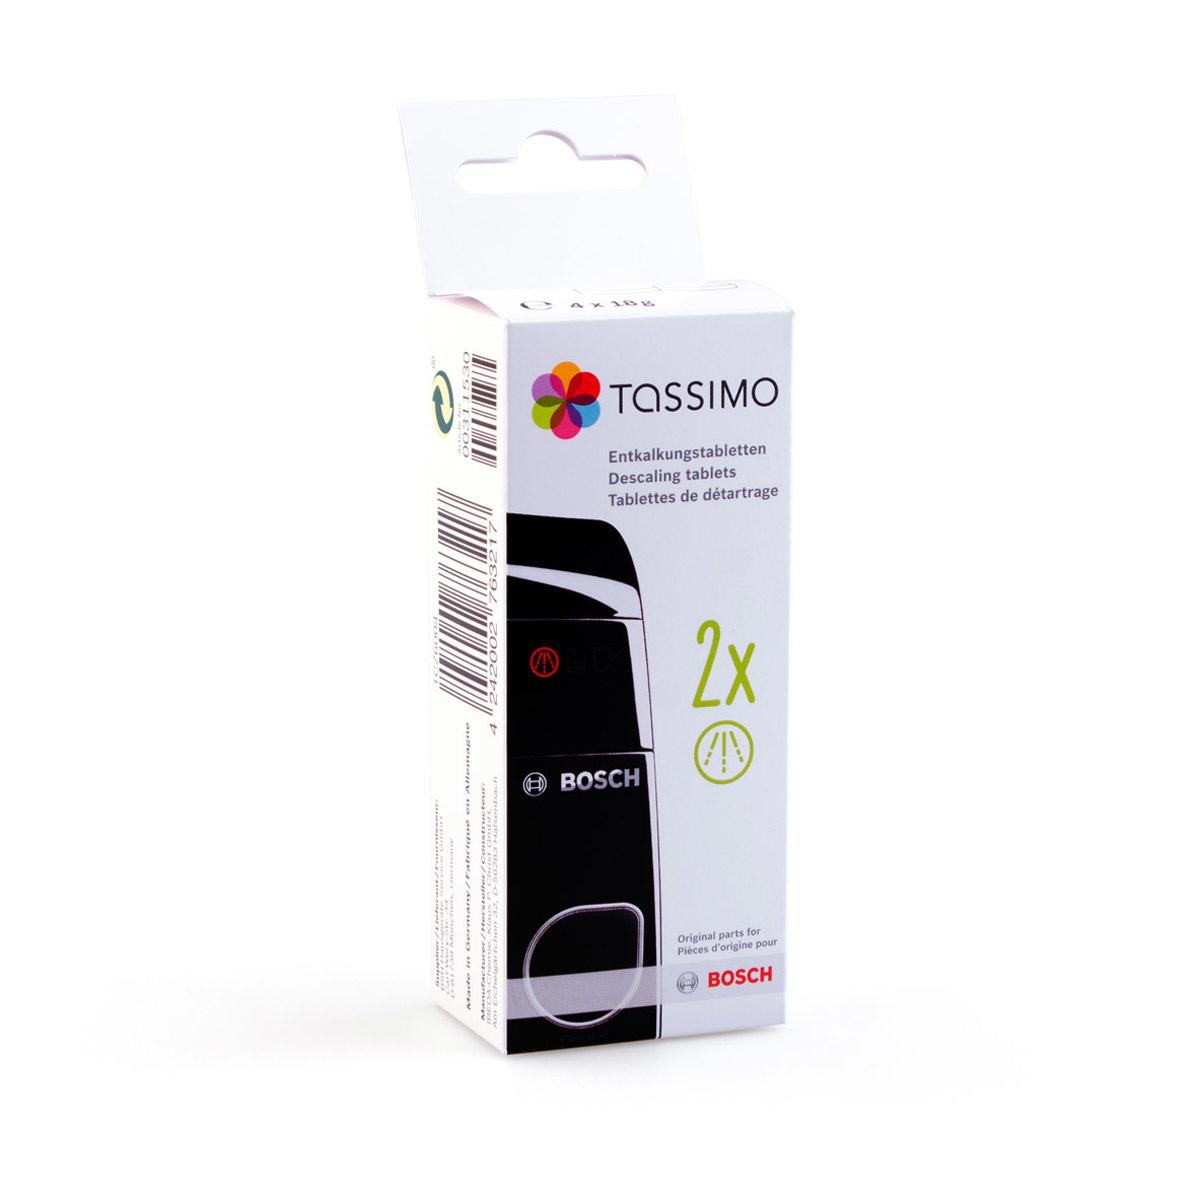 Bosch Tassimo ontkalkingstabletten-1